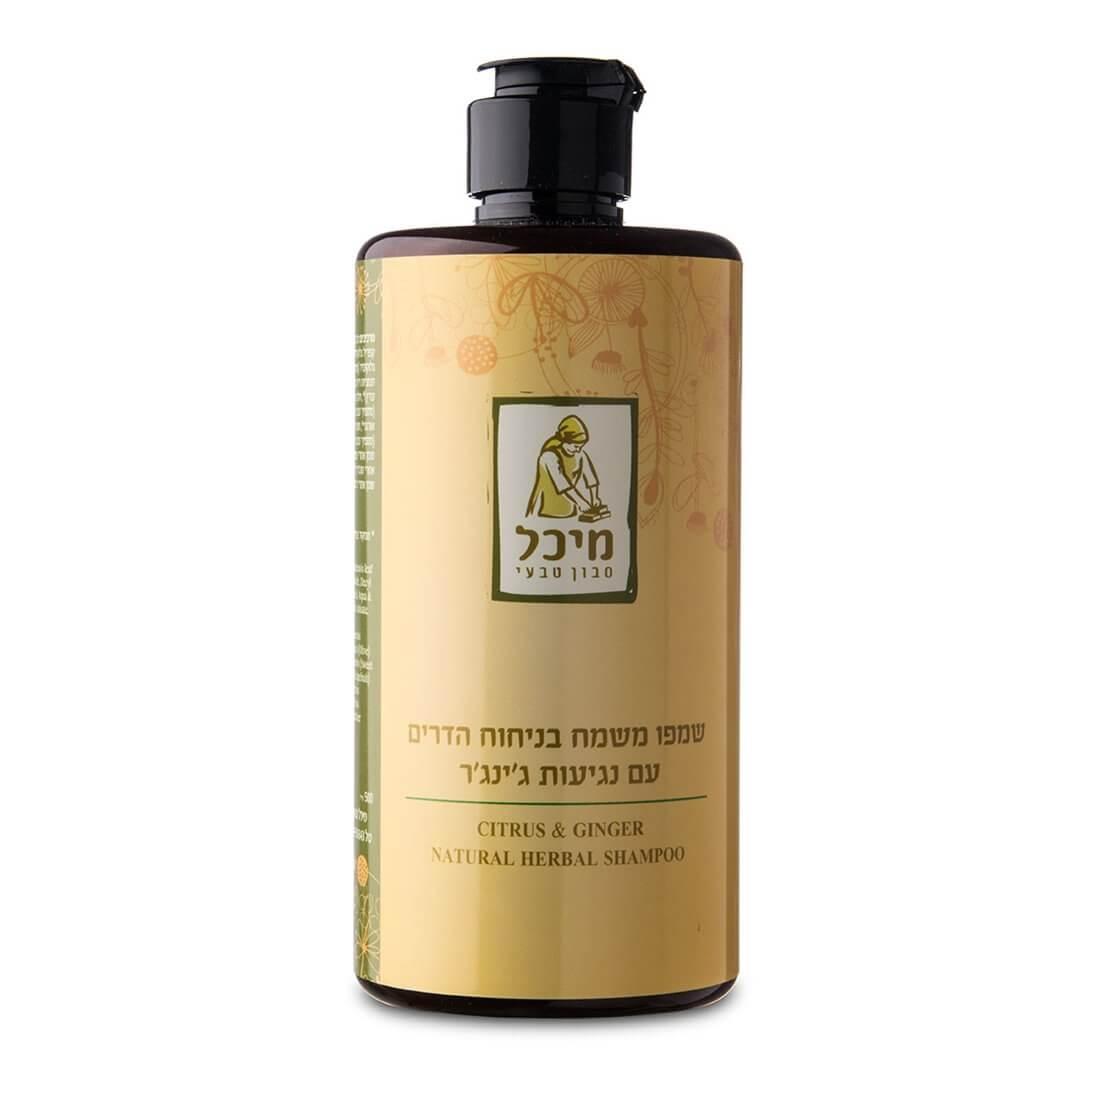 שמפו טבעי משמח בניחוח הדרים עם נגיעות של ג'ינג'ר - מיכל סבון